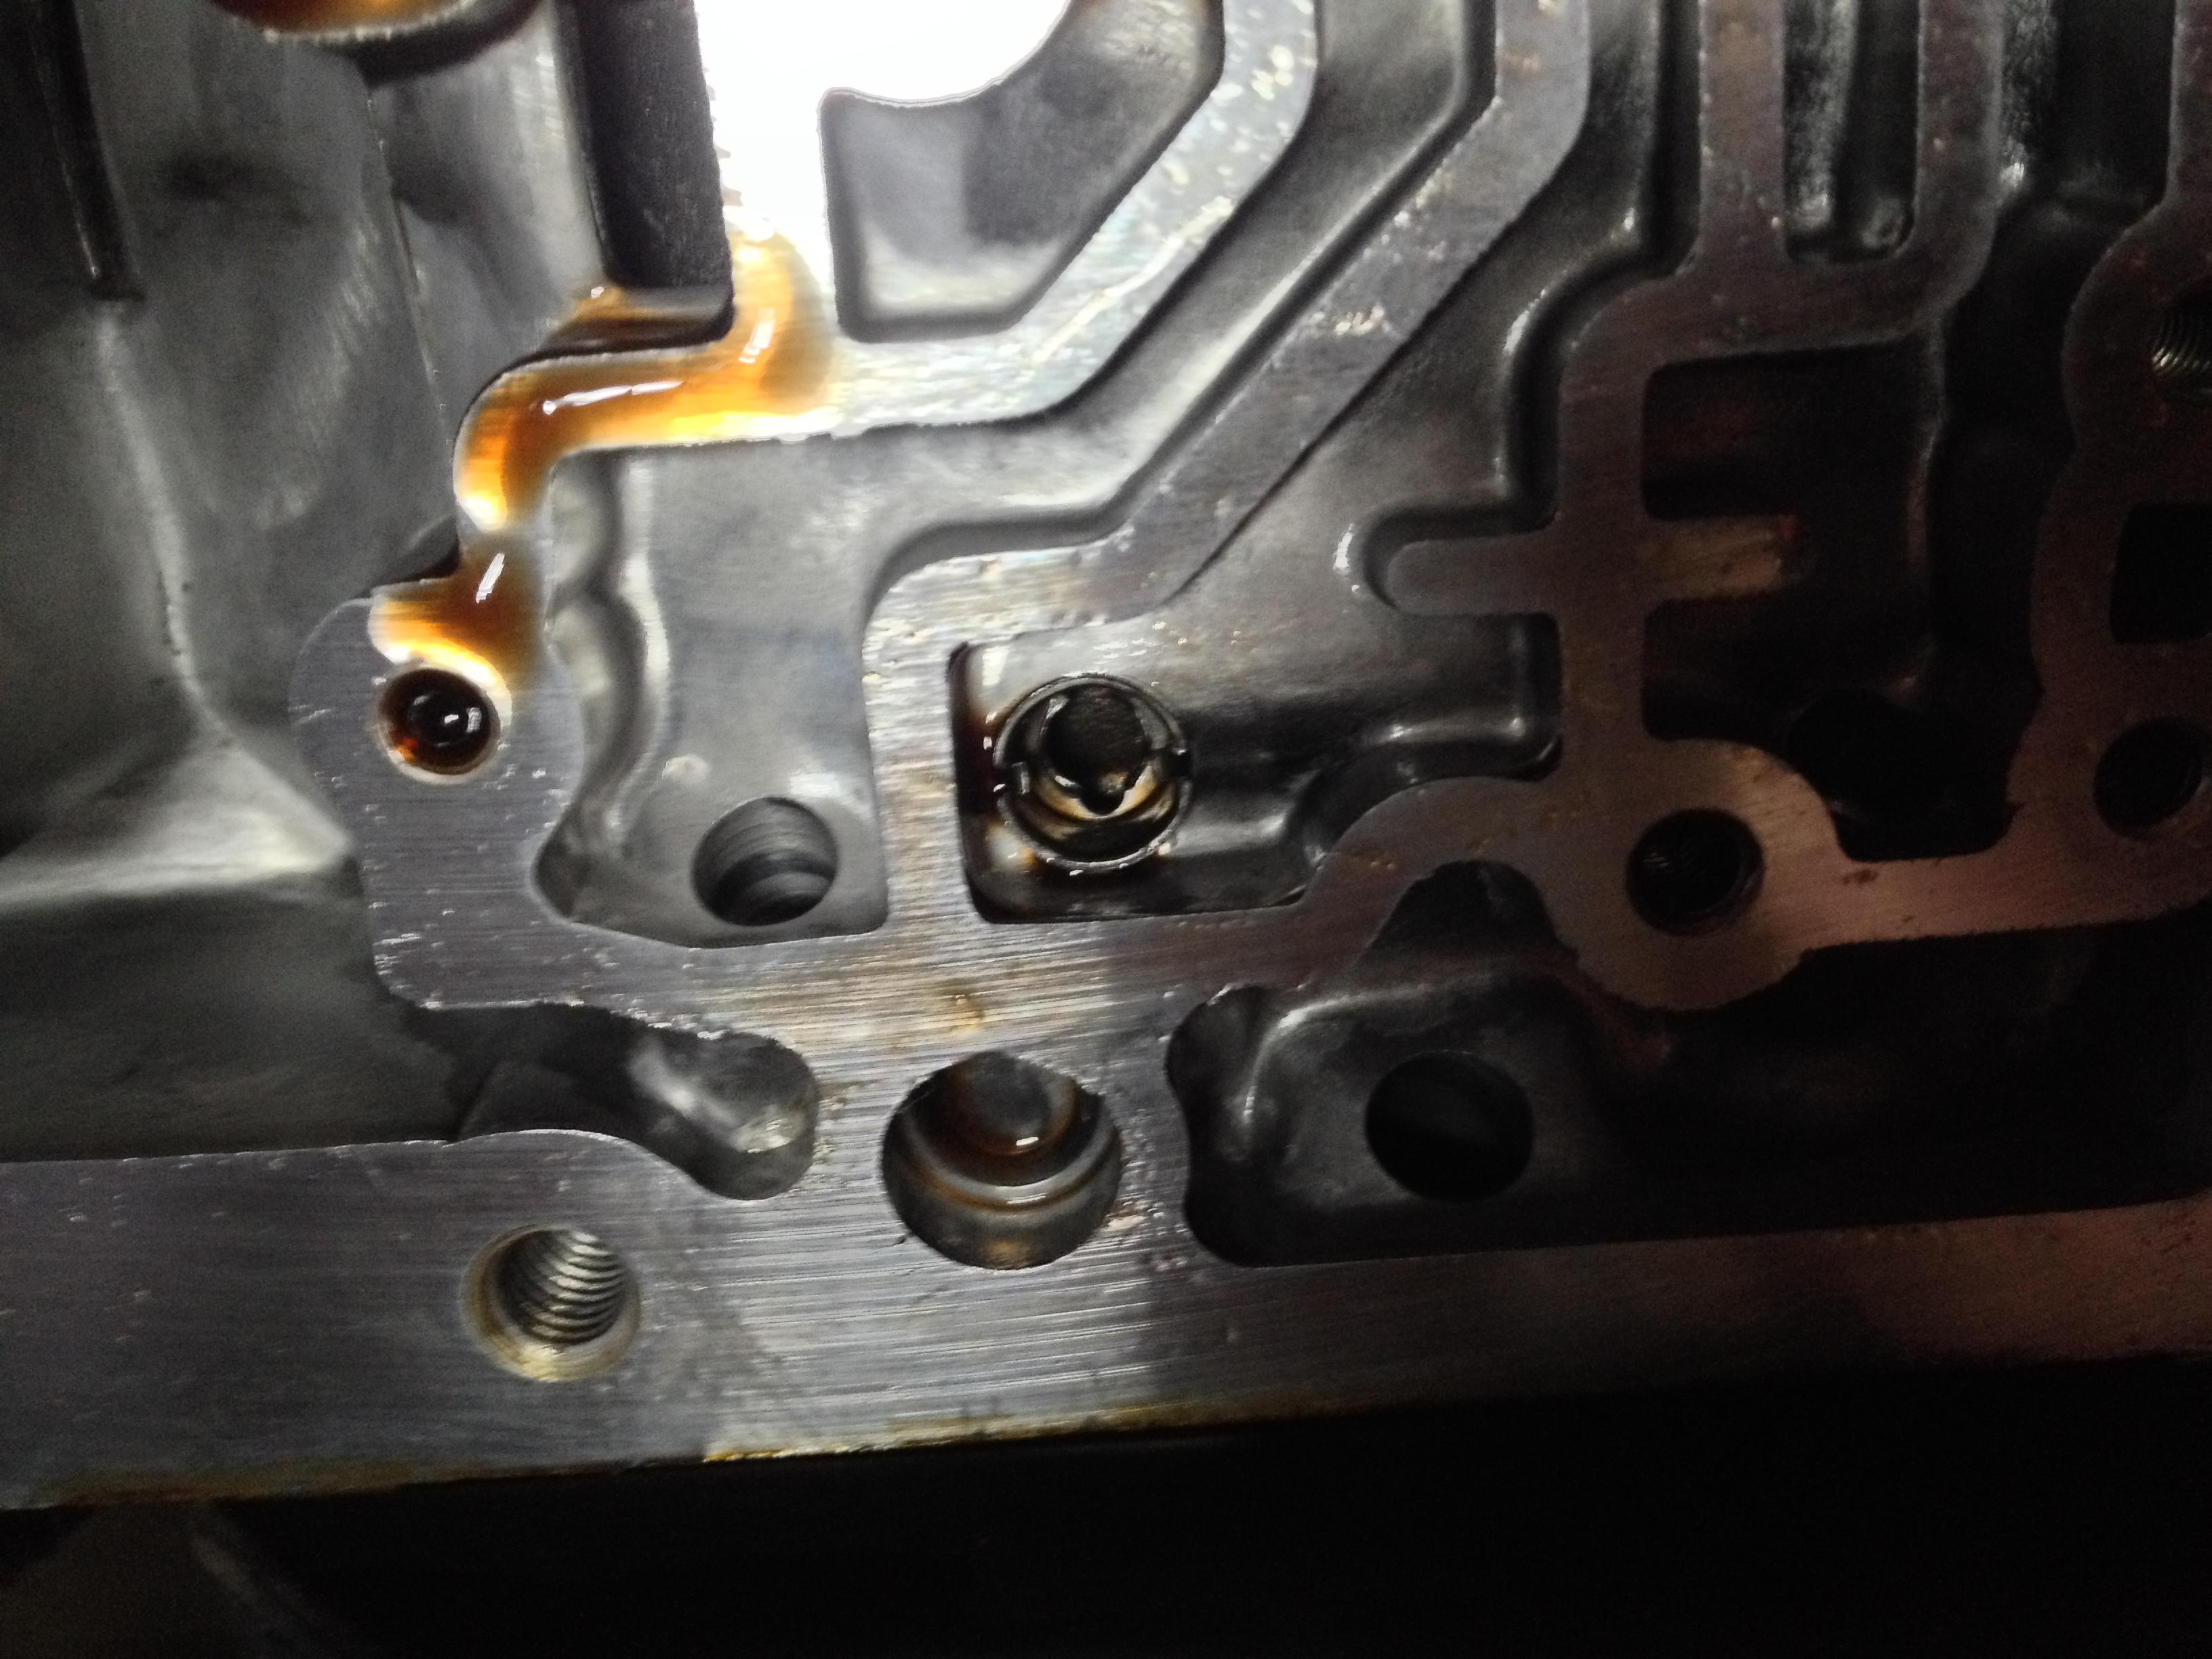 4L60E - broken 3-4 accum  spring & check ball question - Hot